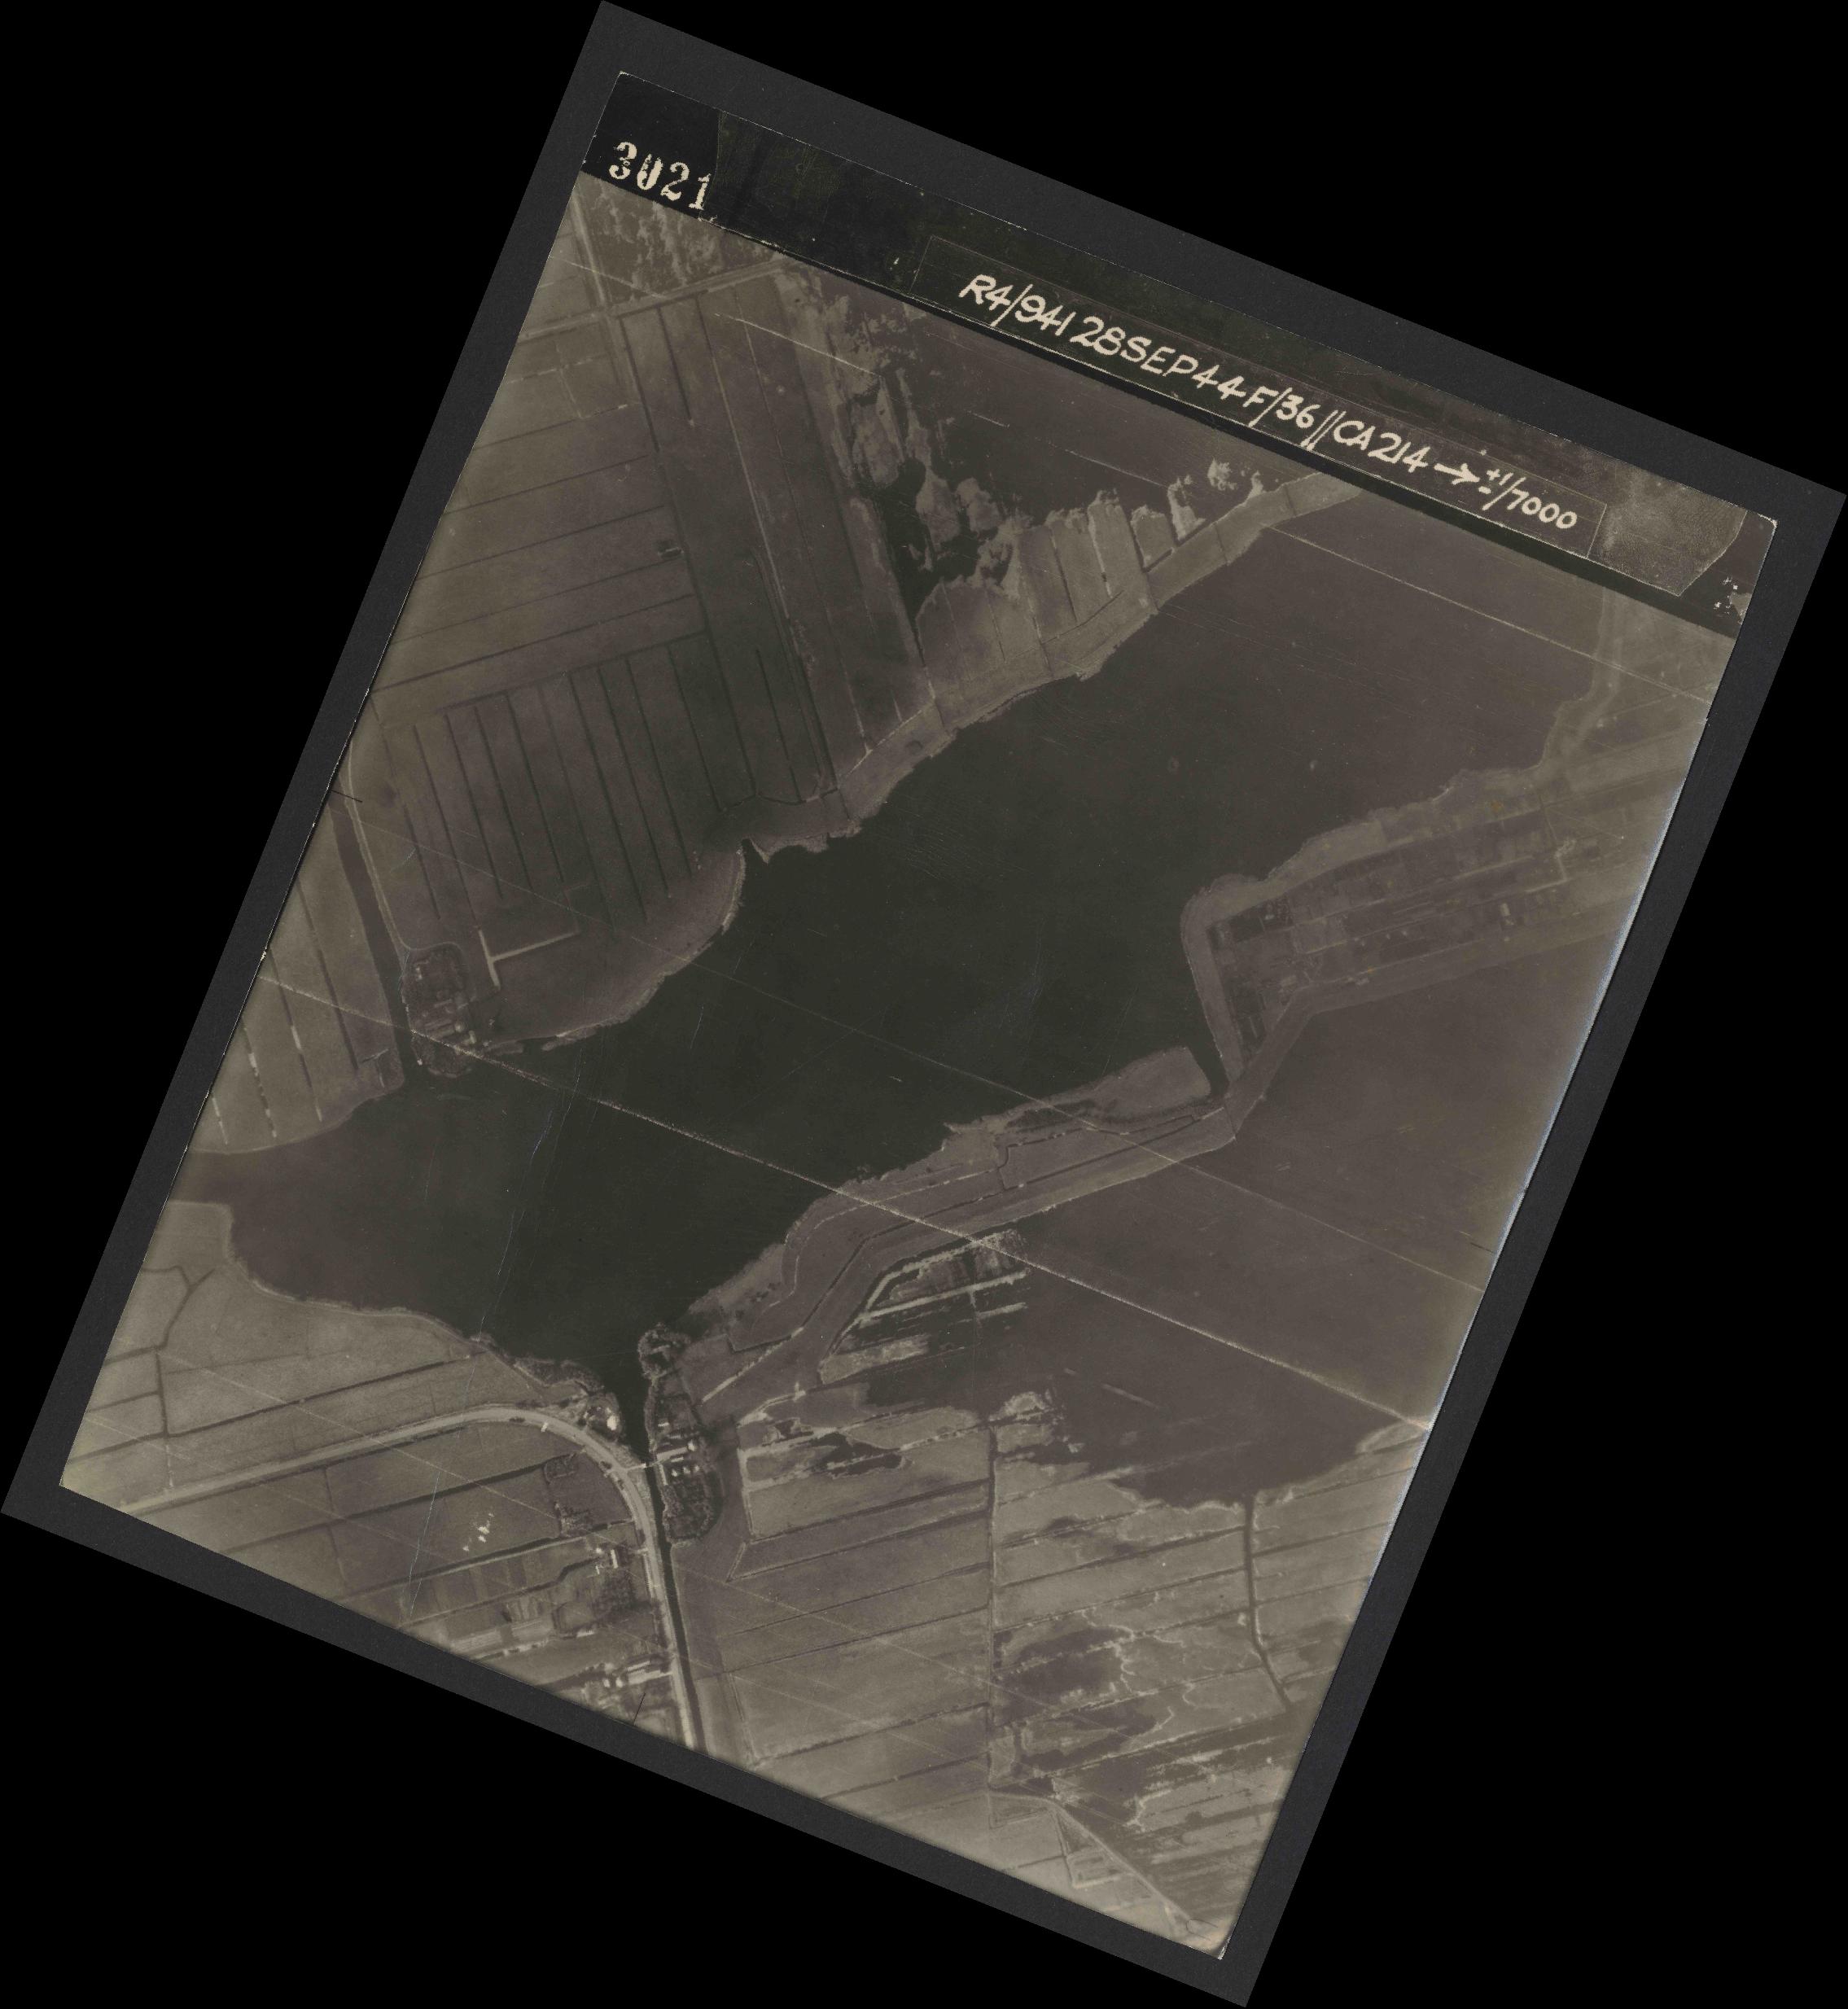 Collection RAF aerial photos 1940-1945 - flight 067, run 05, photo 3021